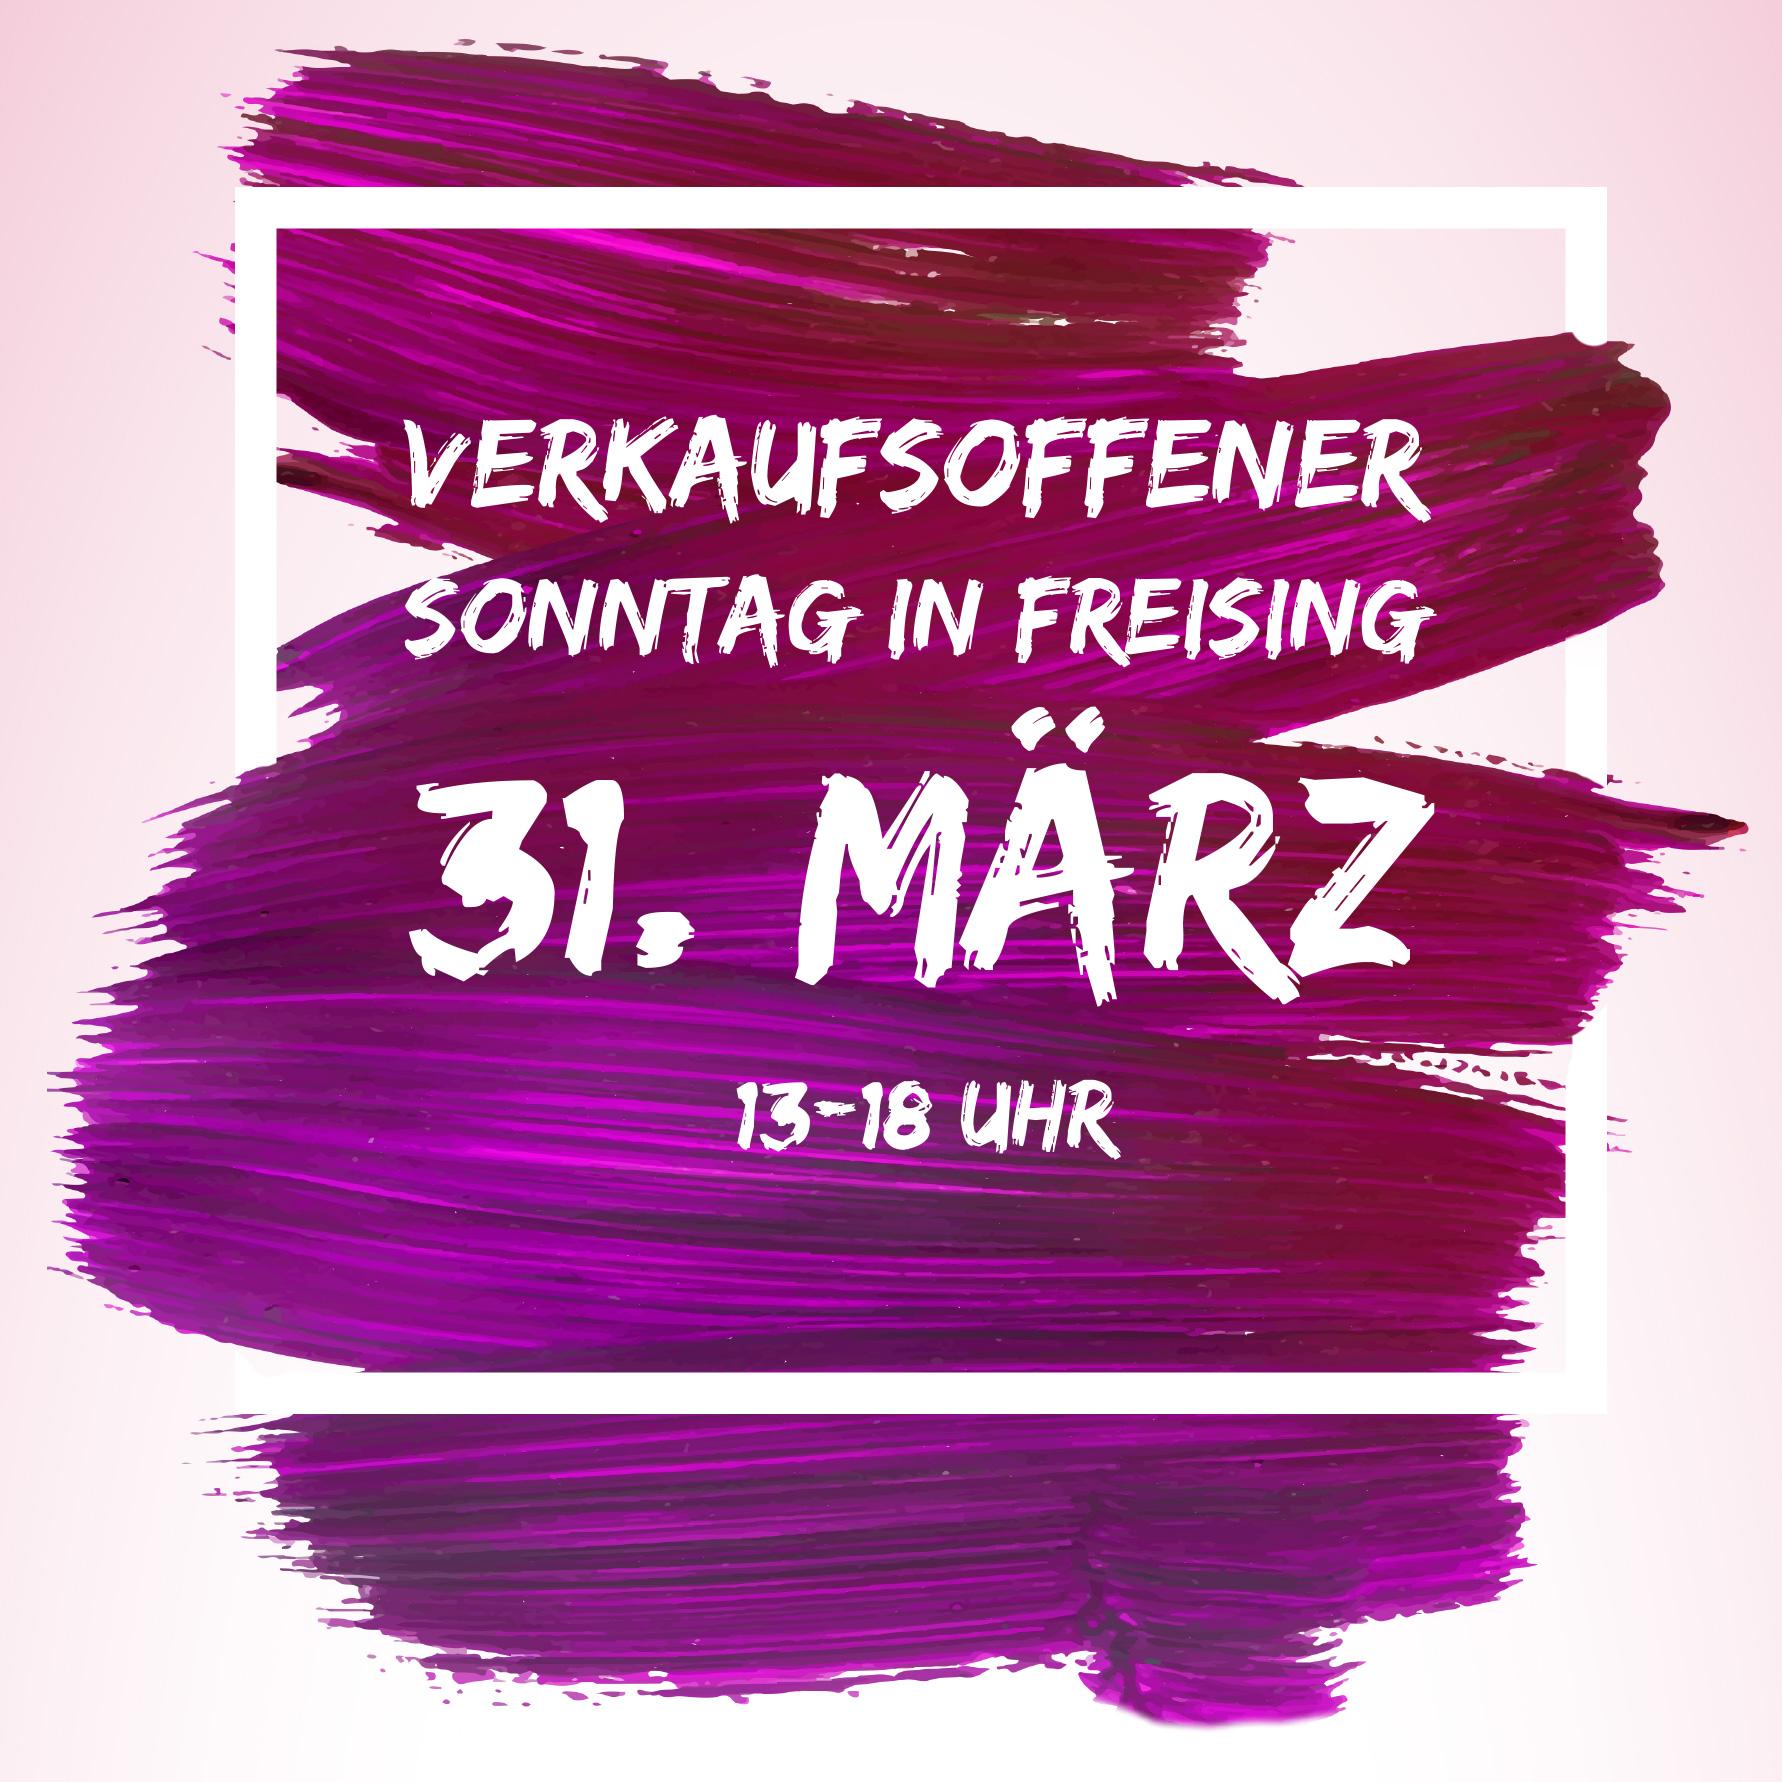 Verkaufsoffener Sonntag am 31. März in Wasserburg